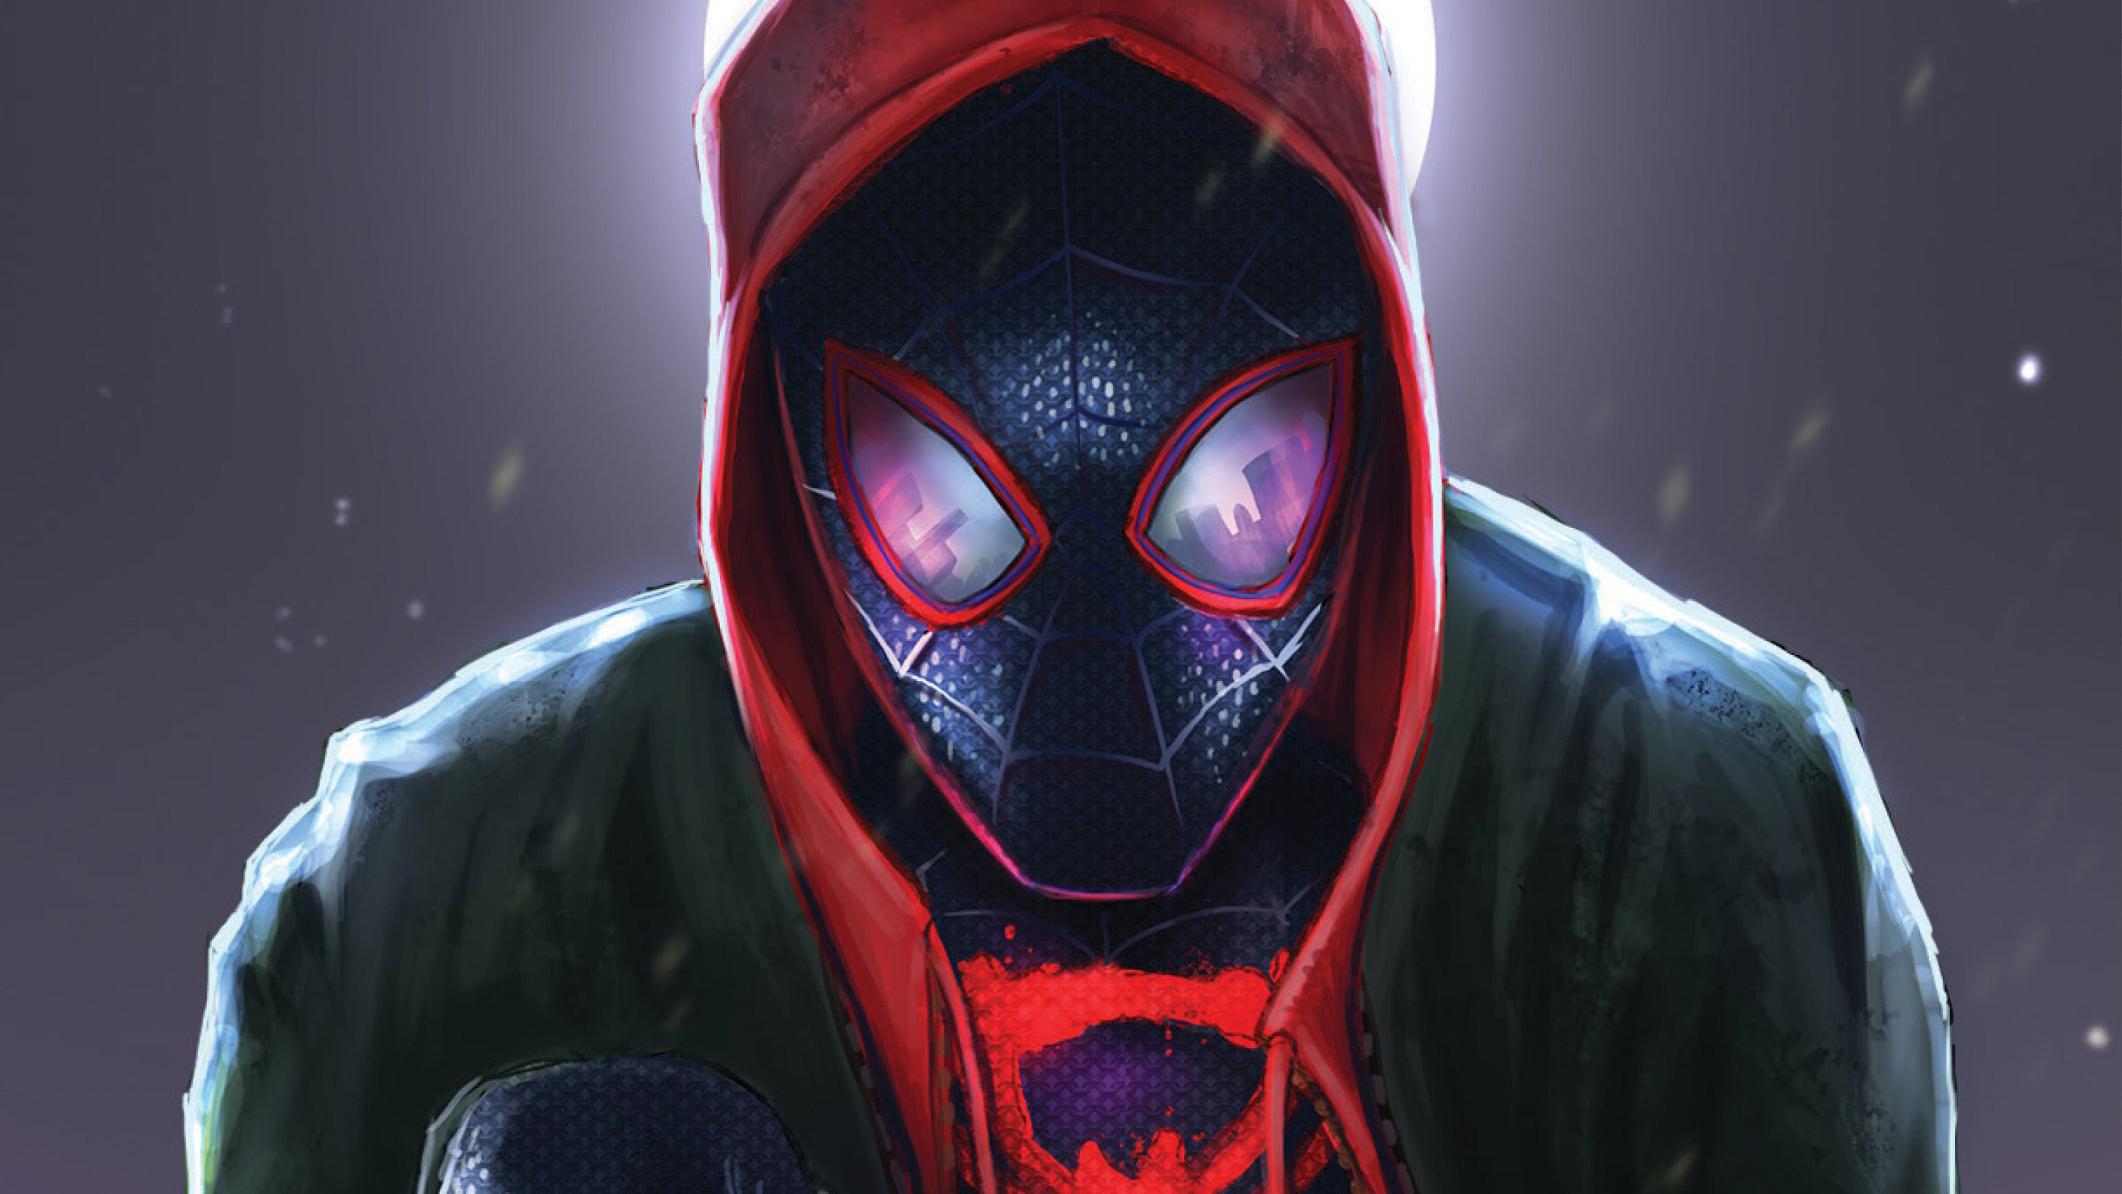 SpiderMan Into The Spider Verse Movie Art 2018, HD